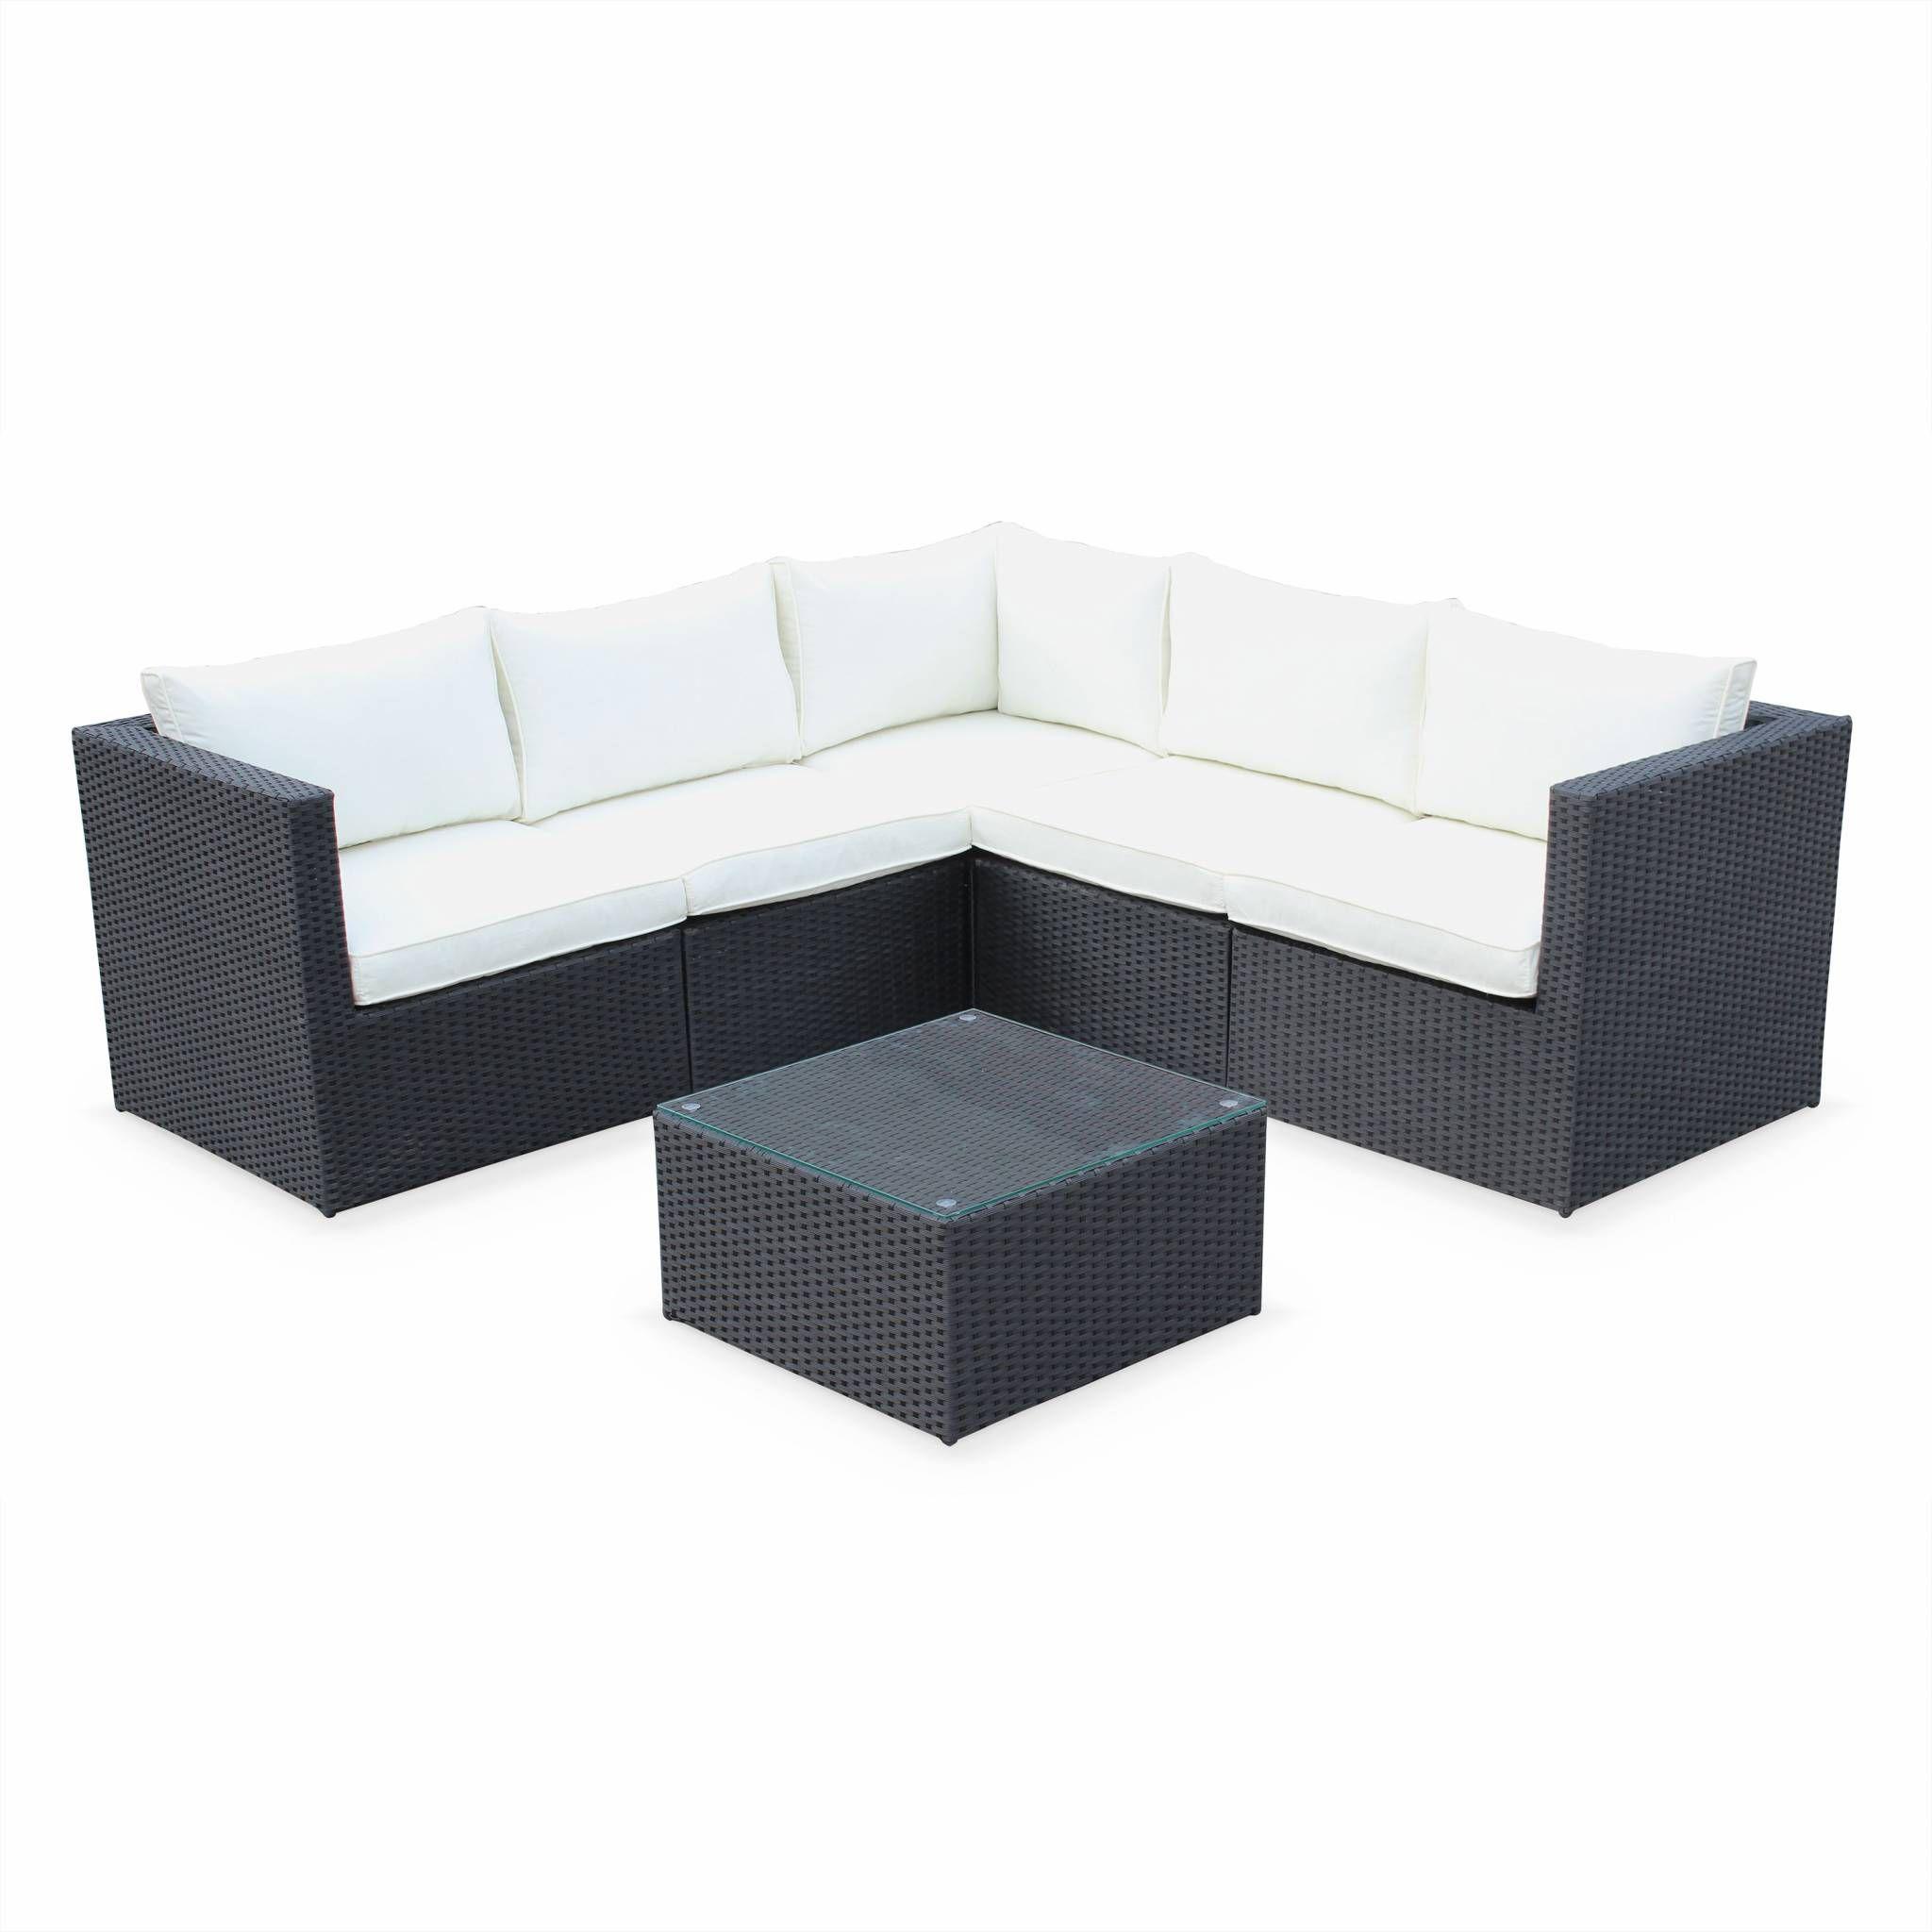 Ensemble table et chaise de jardin Salon de jardin Siena Noir, en résine tressée noir